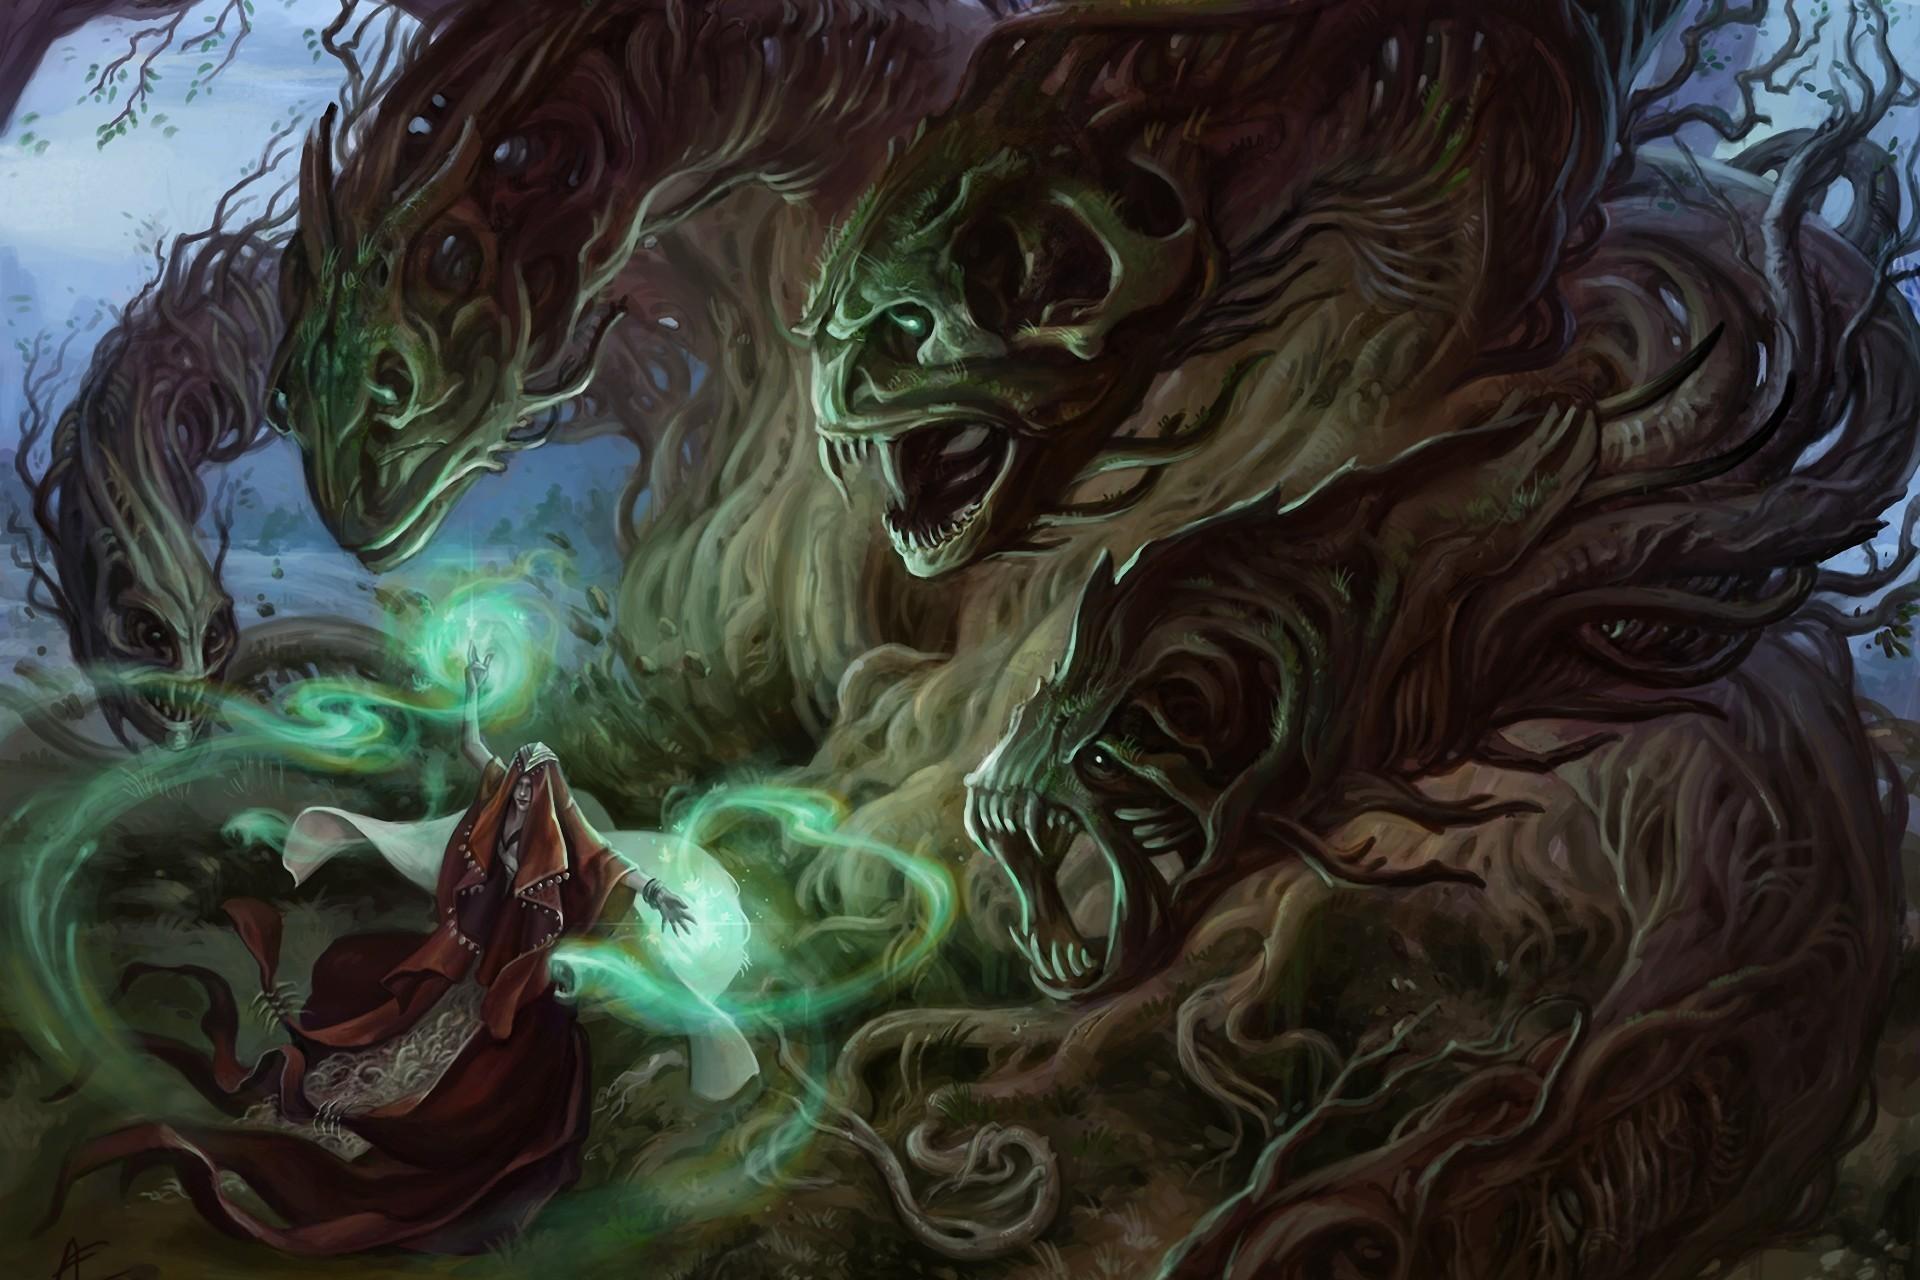 151876 Protetores de tela e papéis de parede Monstros em seu telefone. Baixe Árvores, Fantasia, Monstros, Floresta, Mágico, Mago, Bruxa, Feiticeiro fotos gratuitamente